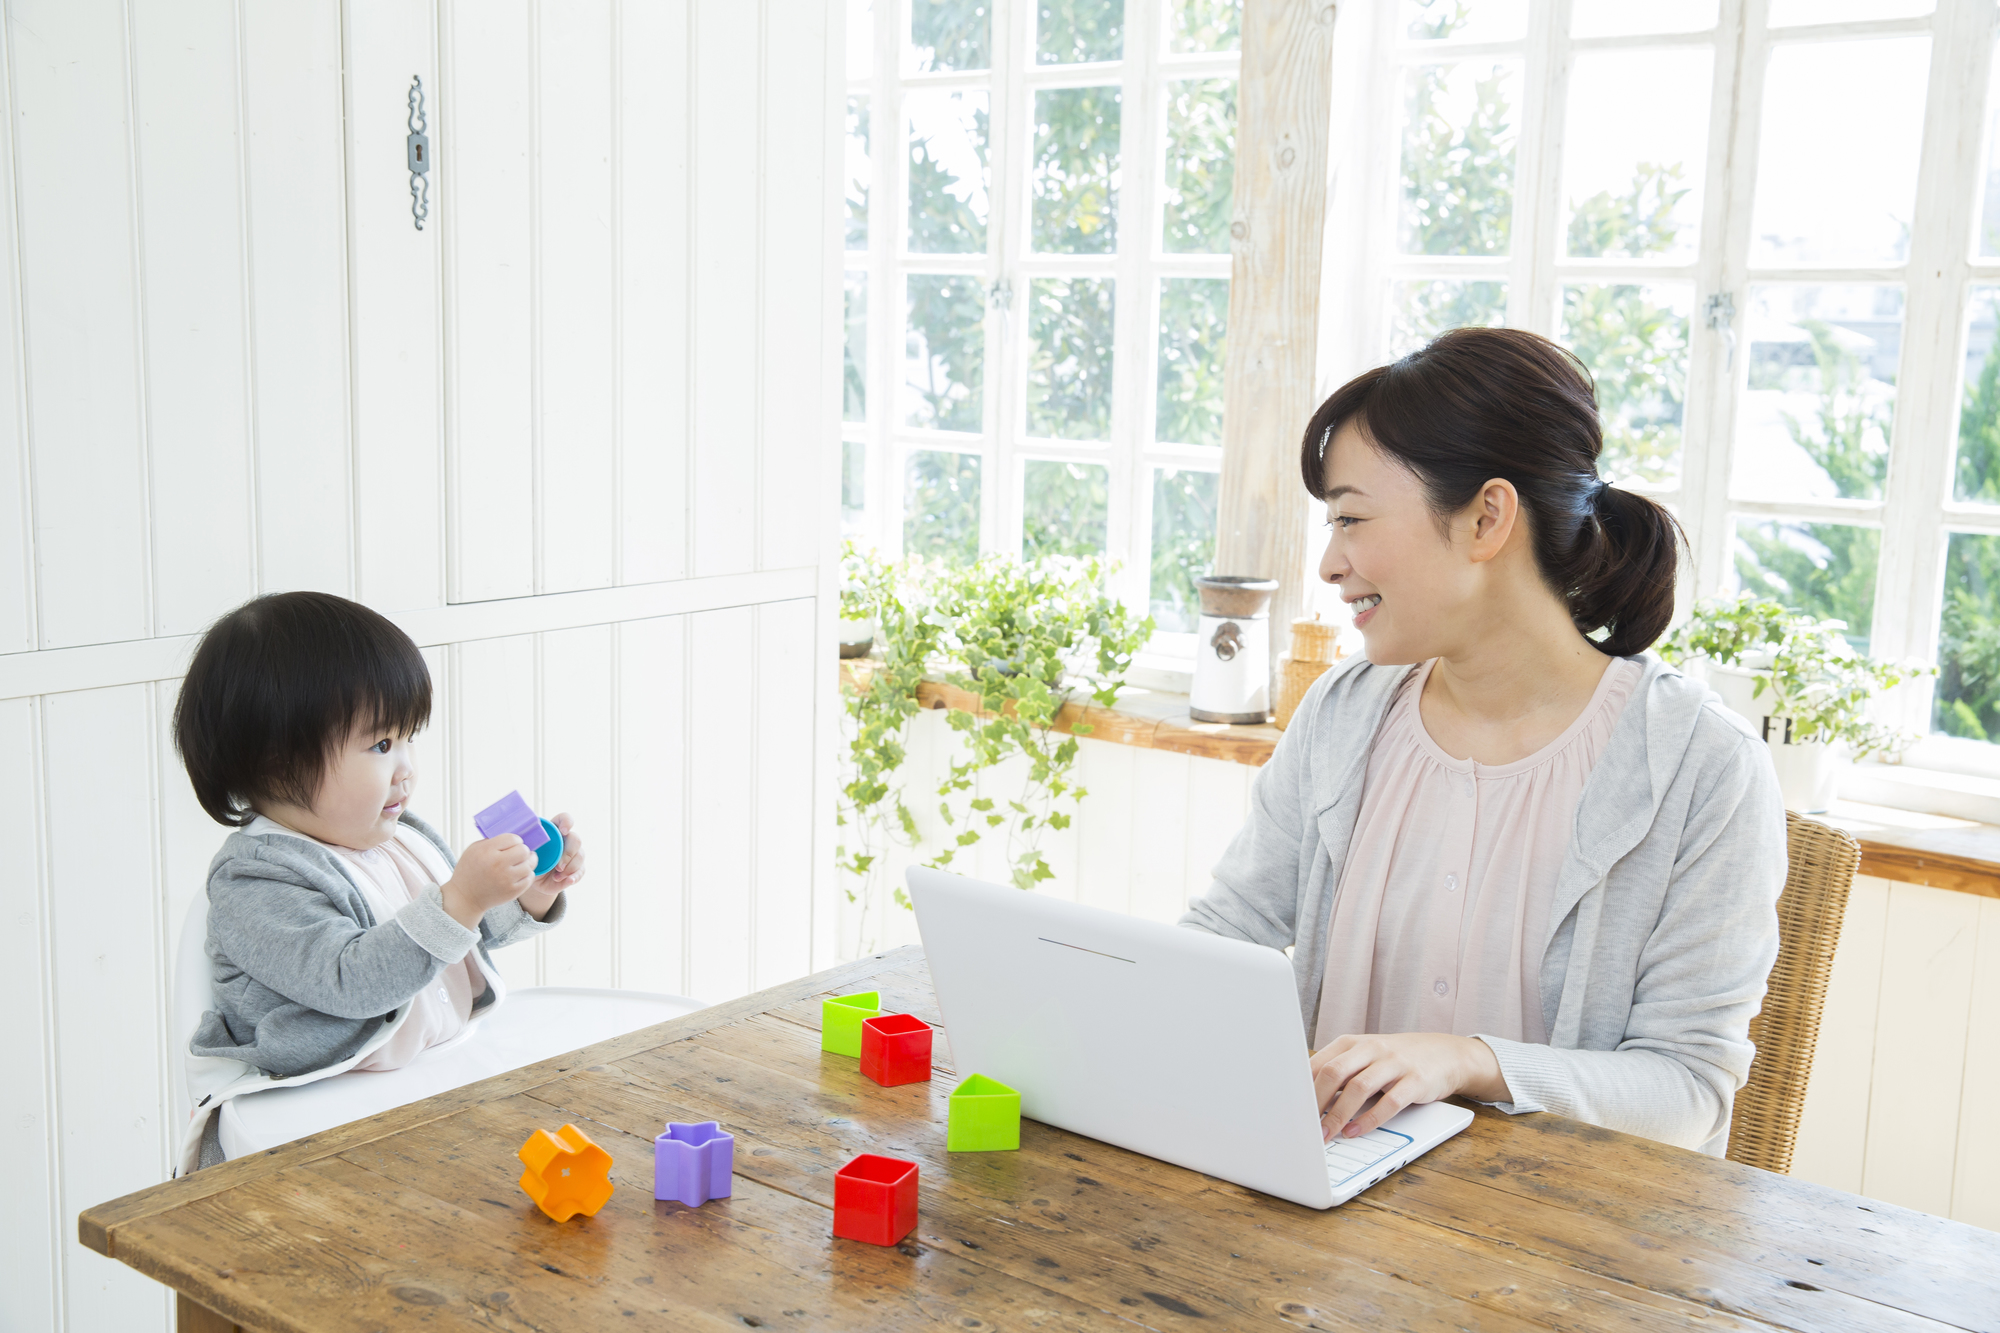 主婦OK!パソコン1台で自宅でできる仕事おすすめベスト10